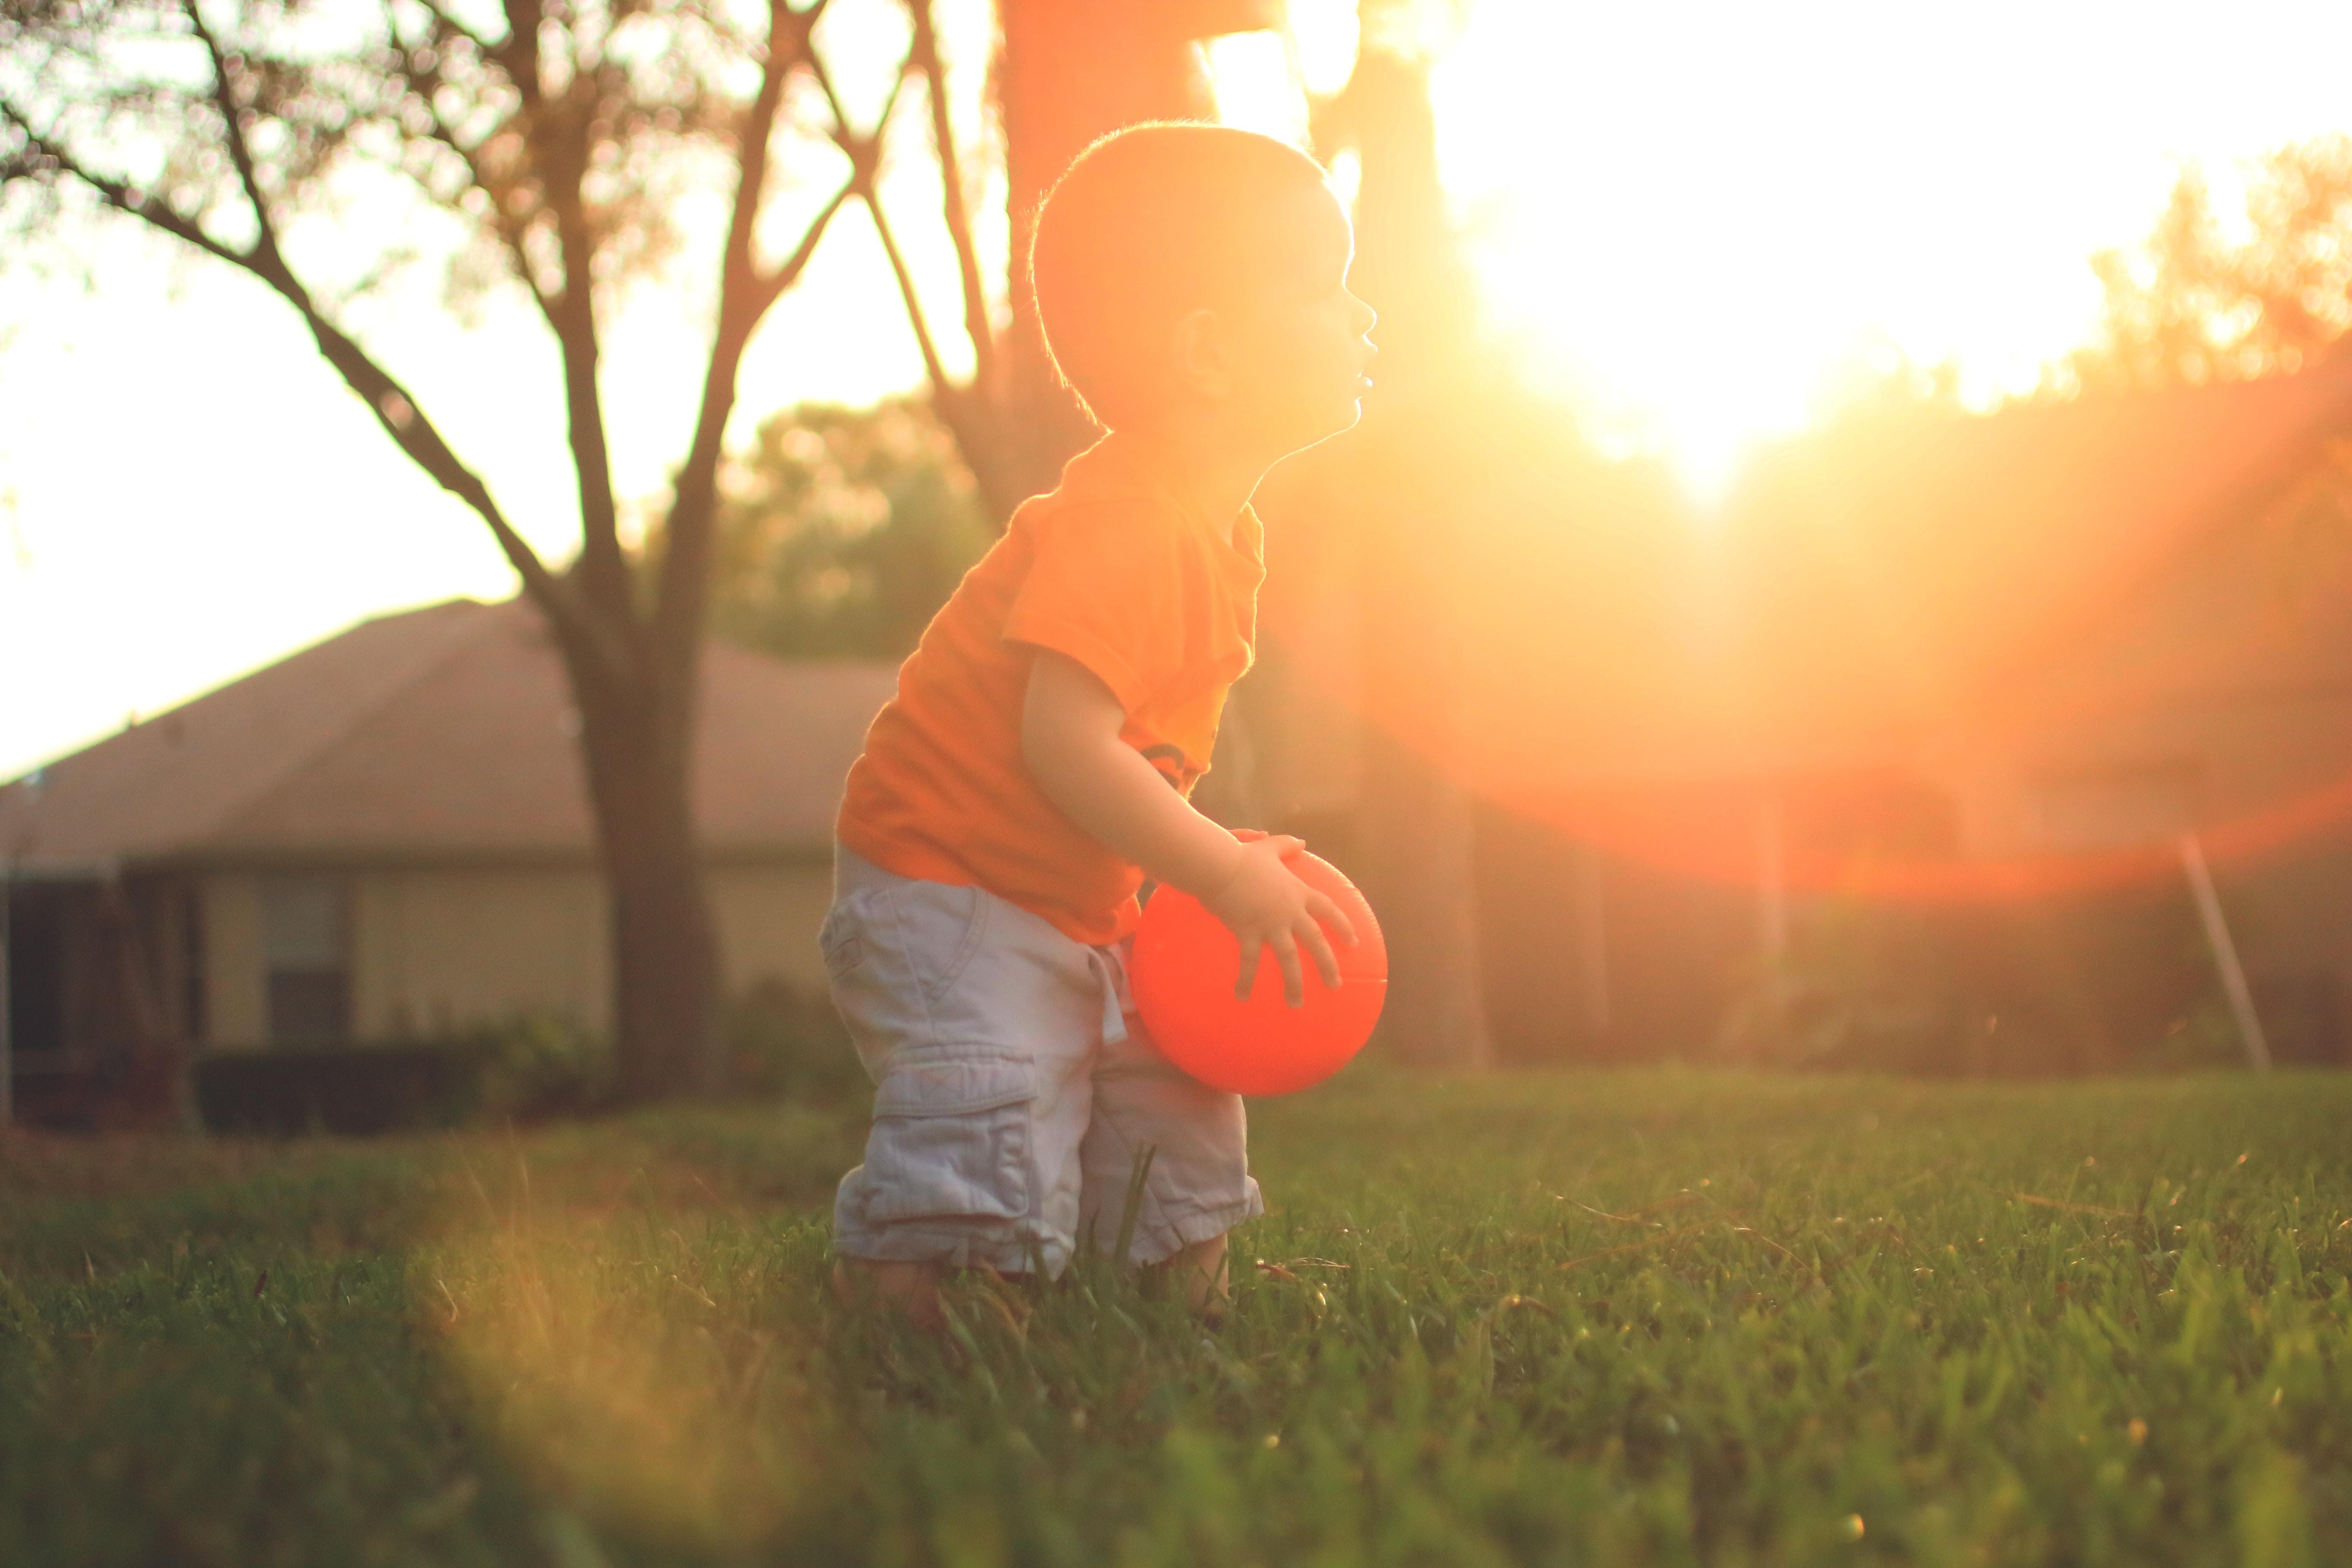 Little boy holding an orange ball